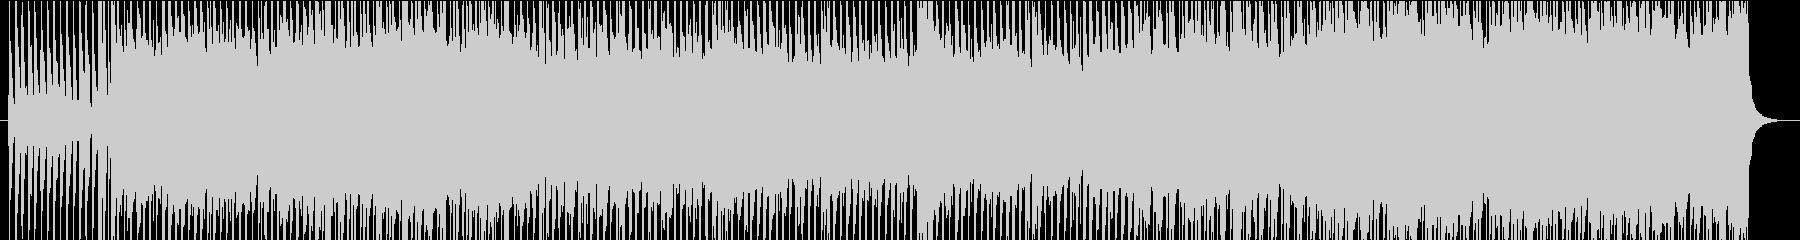 パワフルで疾走感のあるインディーロックの未再生の波形